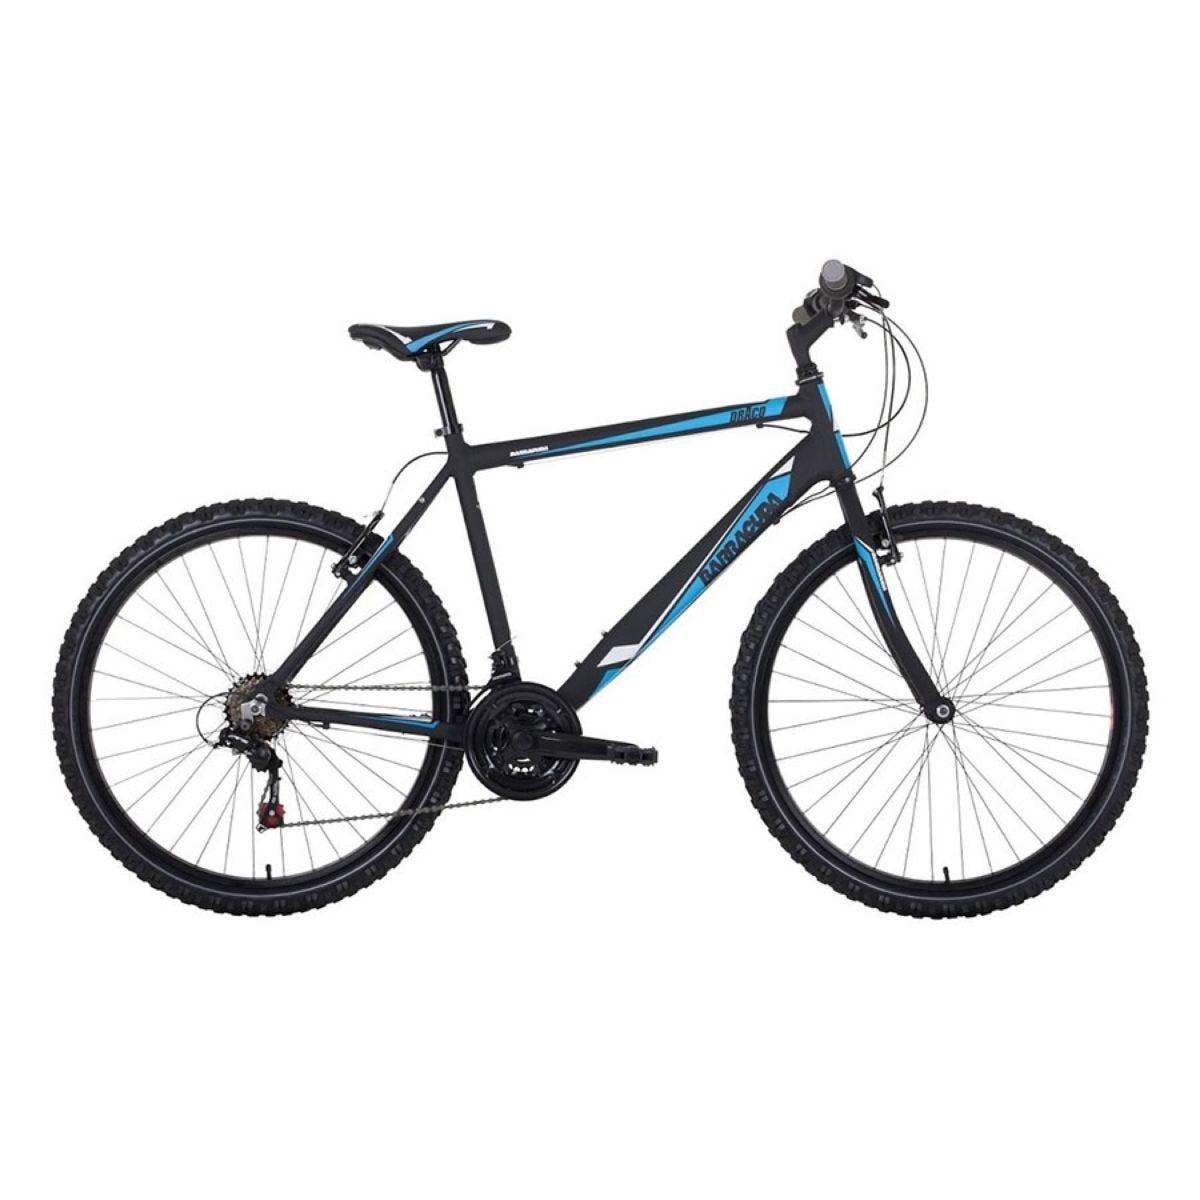 Barracuda Draco Men's Mountain Bike - Matt Black